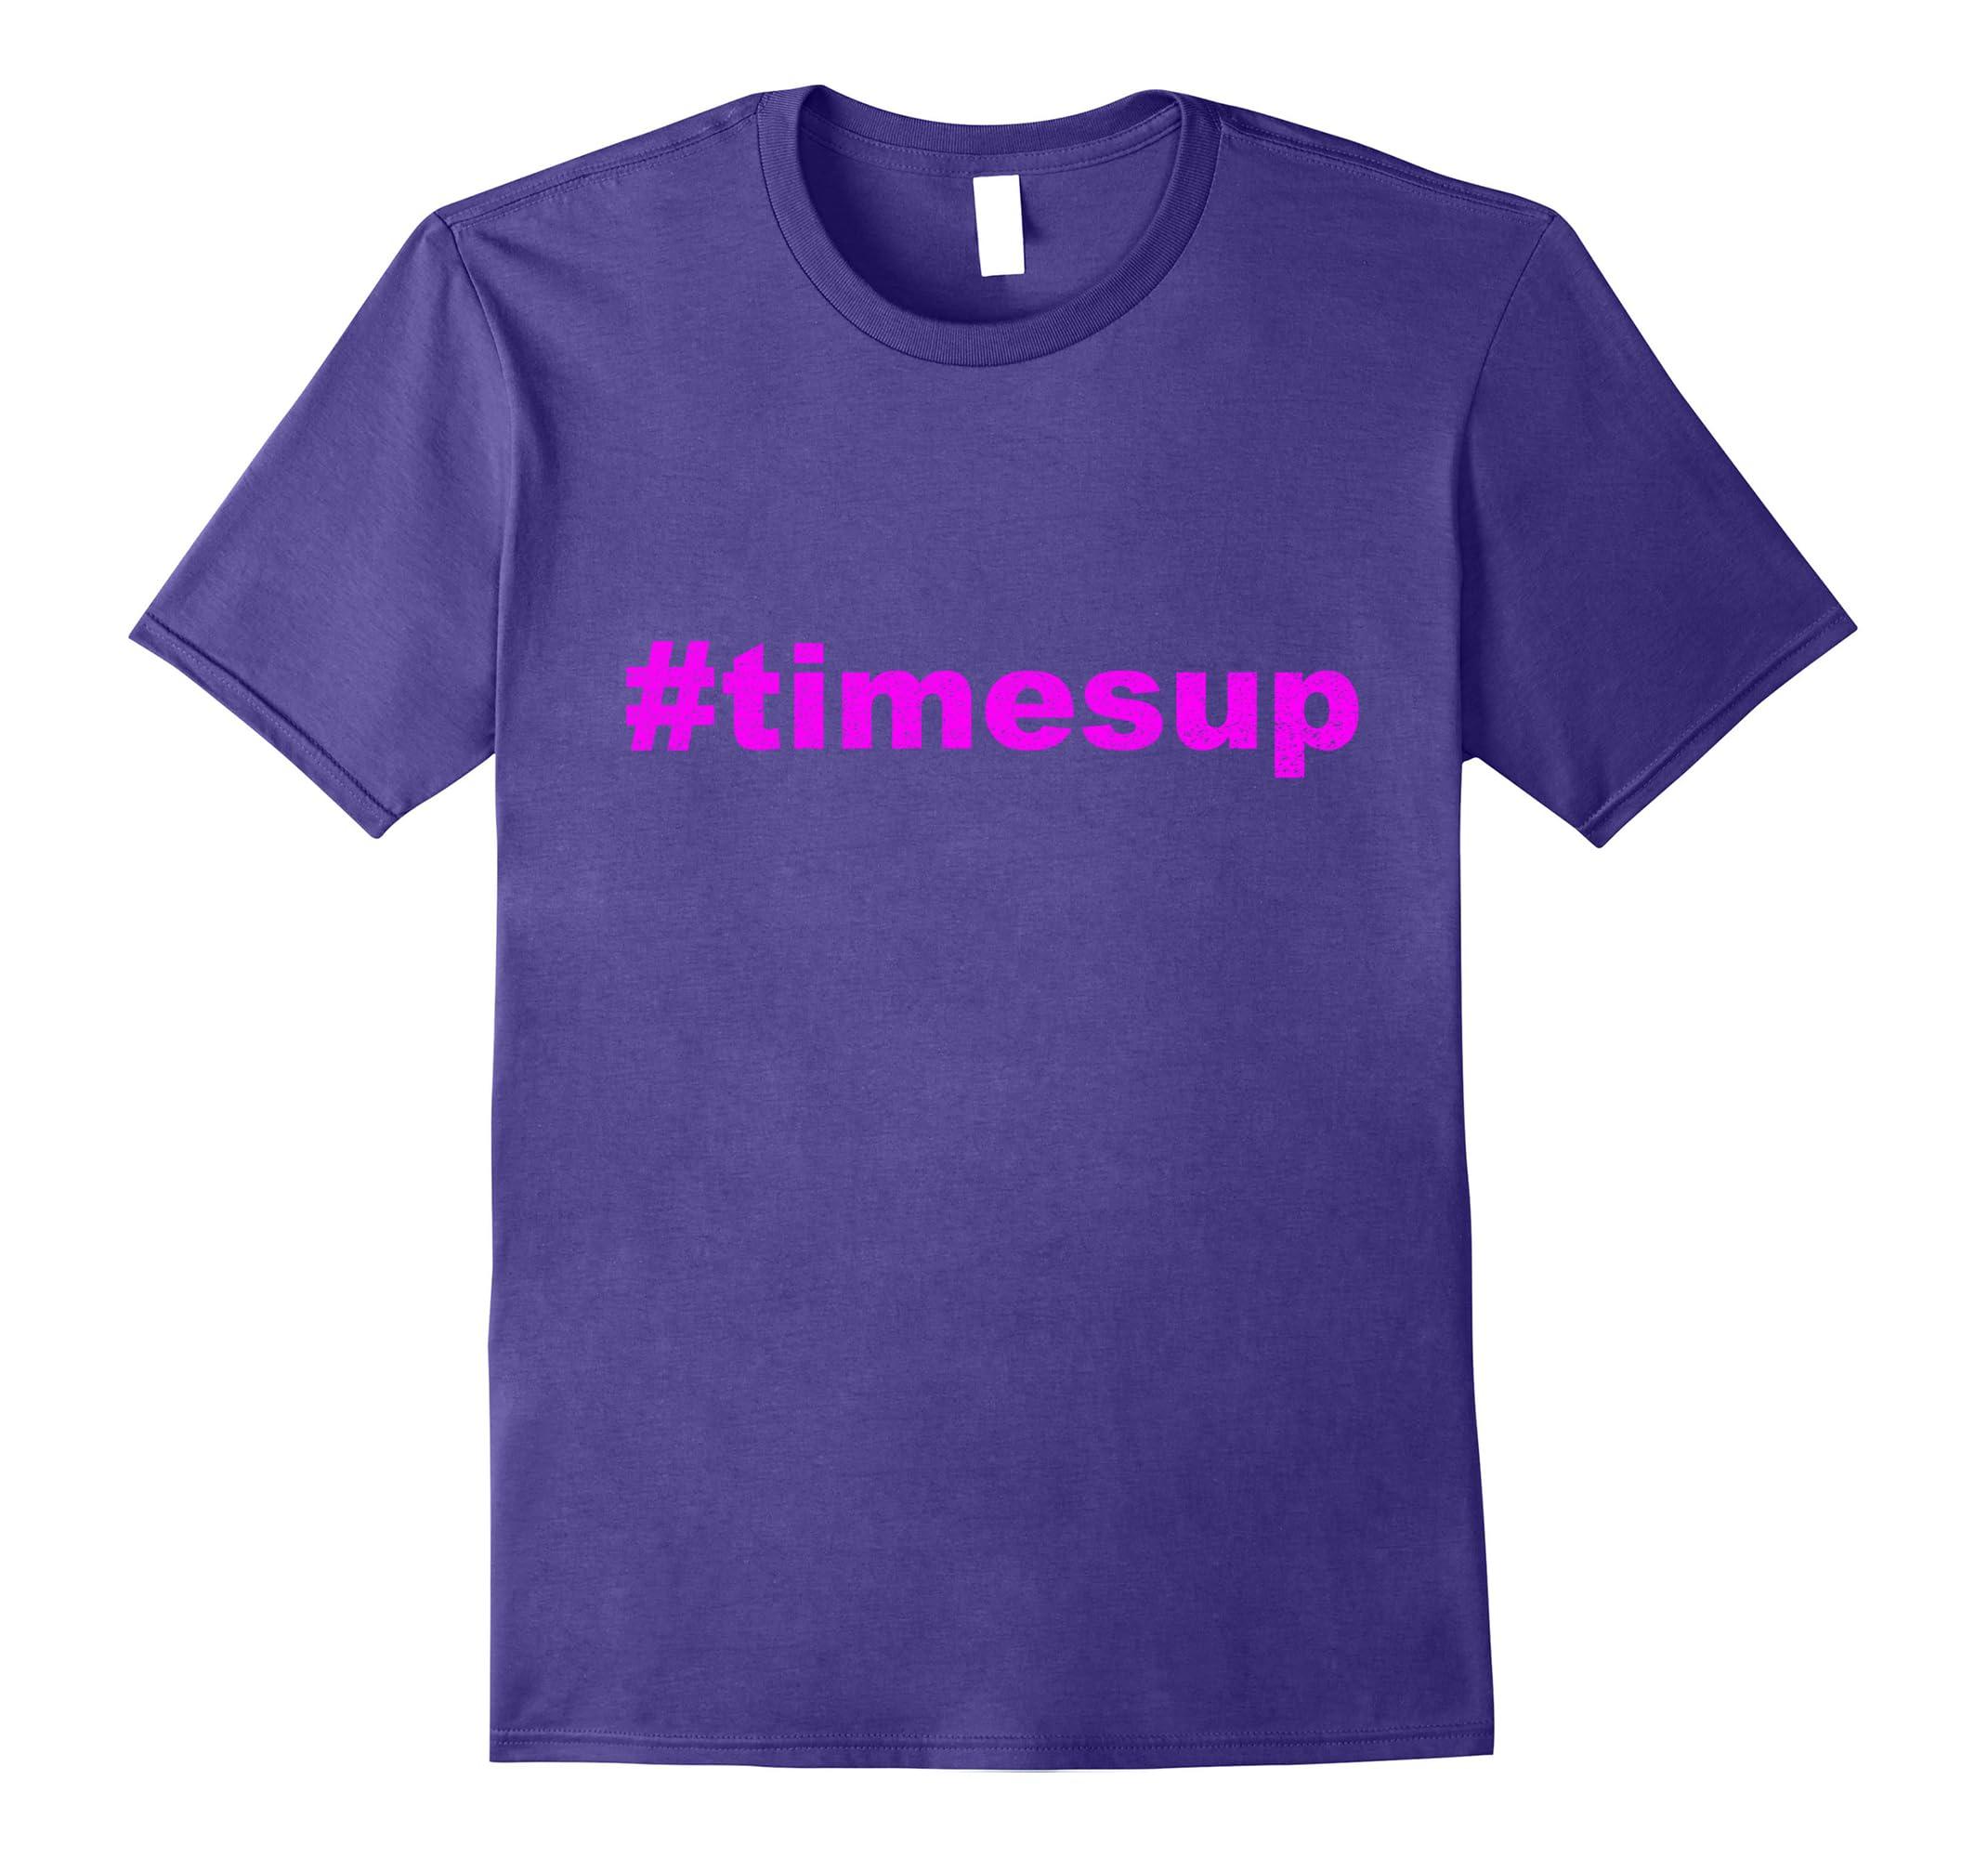 #timesup Shirt | Feminist Womens Movement-ah my shirt one gift